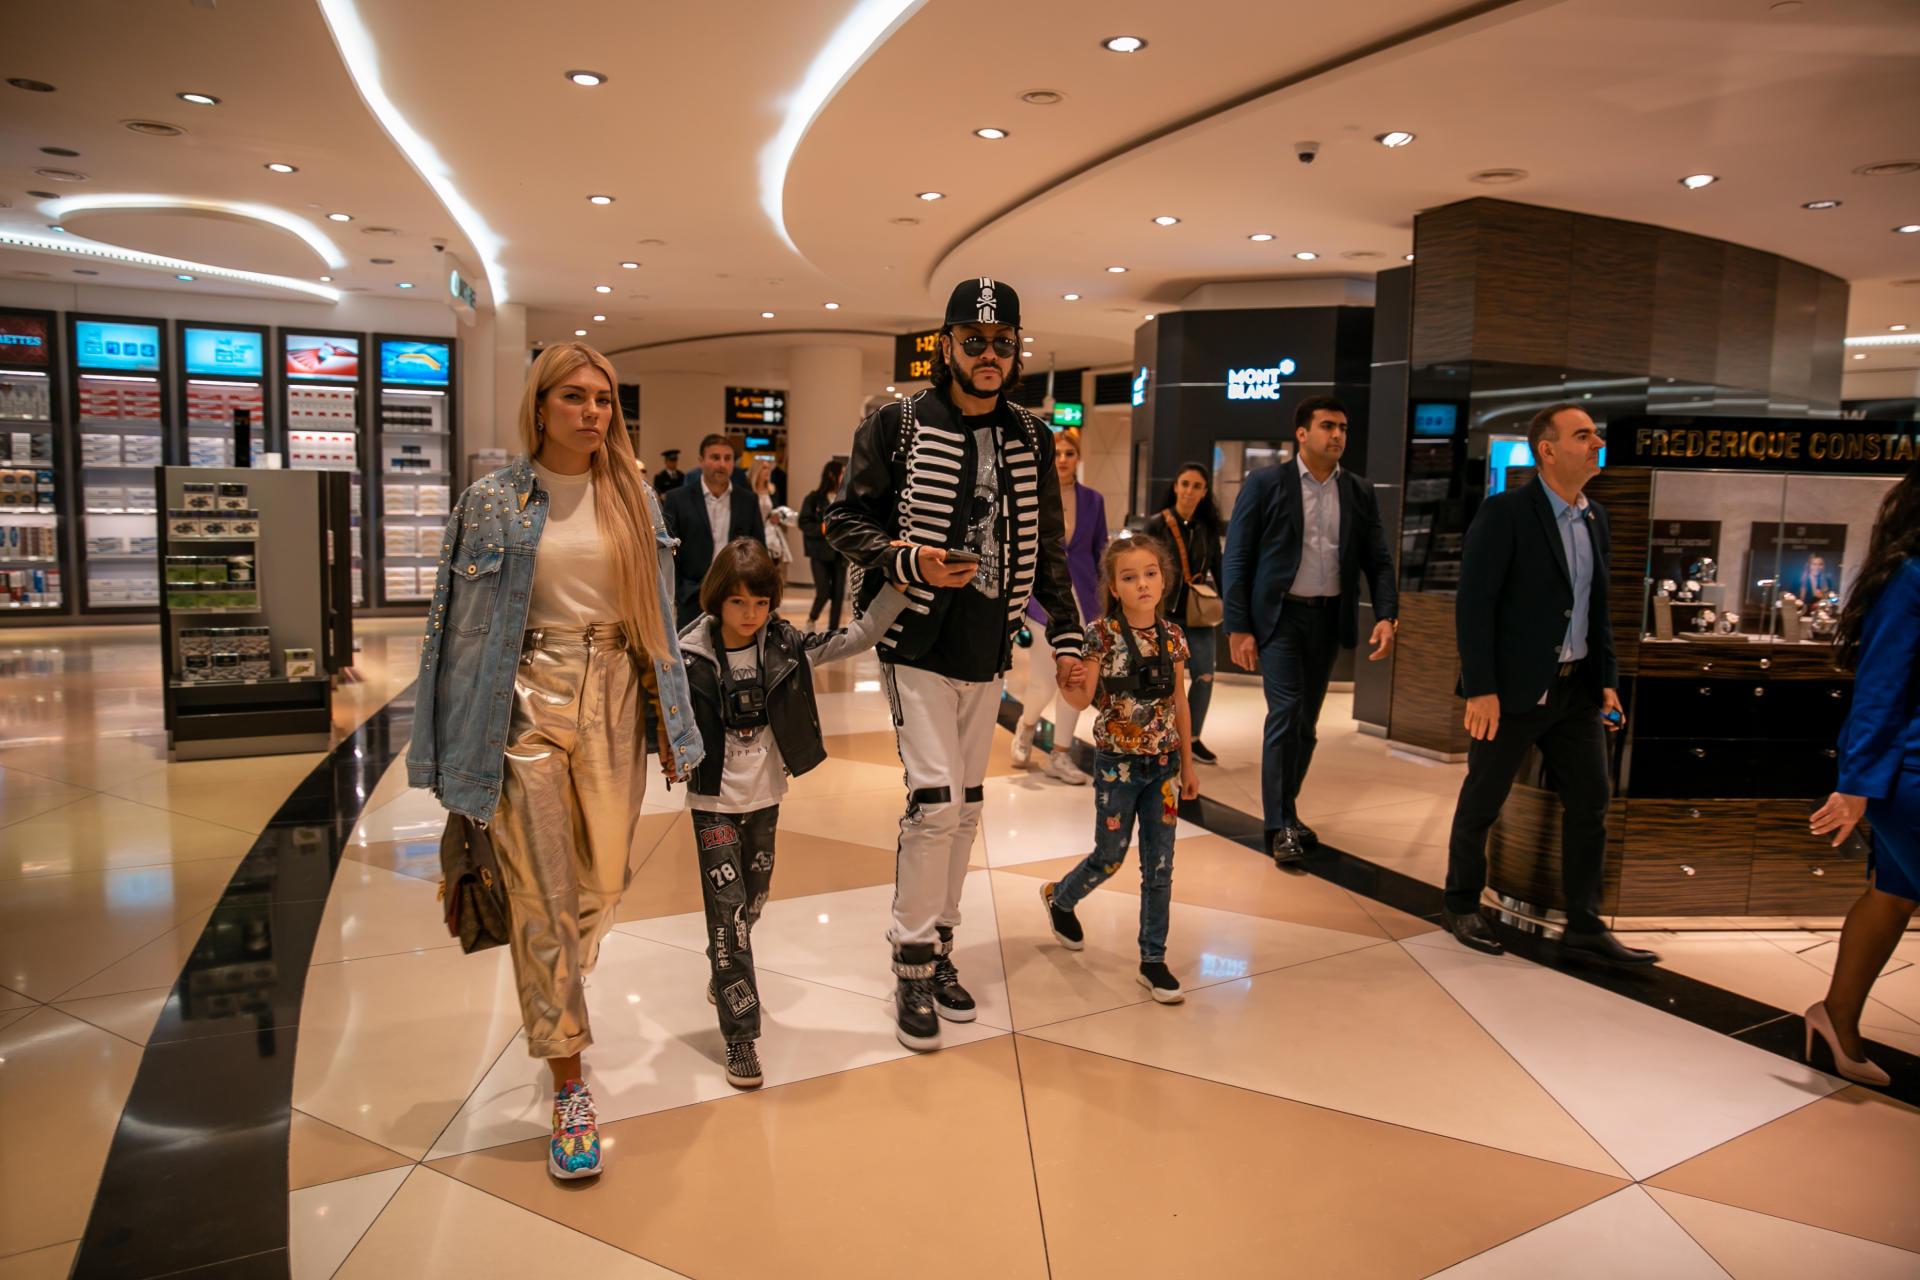 Филипп Киркоров признался в любви к Азербайджану – интересная беседа с Королем в аэропорту (ФОТО/ВИДЕО)